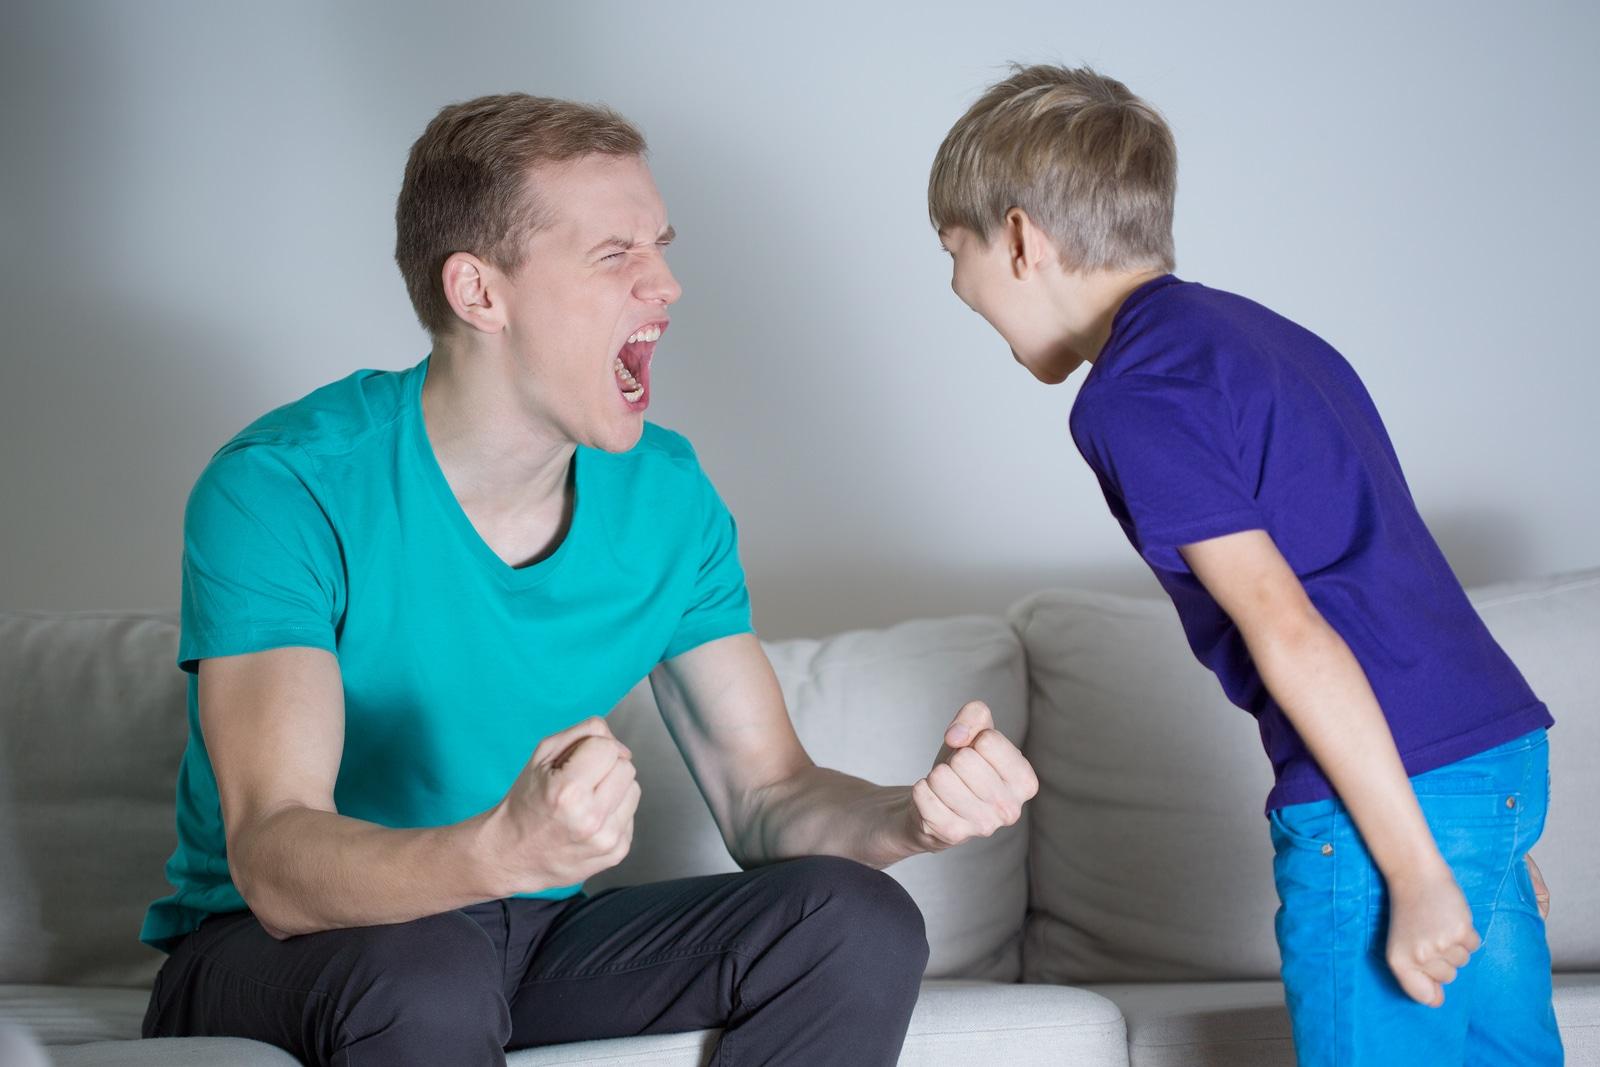 С высоты прожитых лет лучше видно, какая тактика принесла положительные результаты, а какие родительские поступки усложнили жизнь повзрослевшего ребенка.